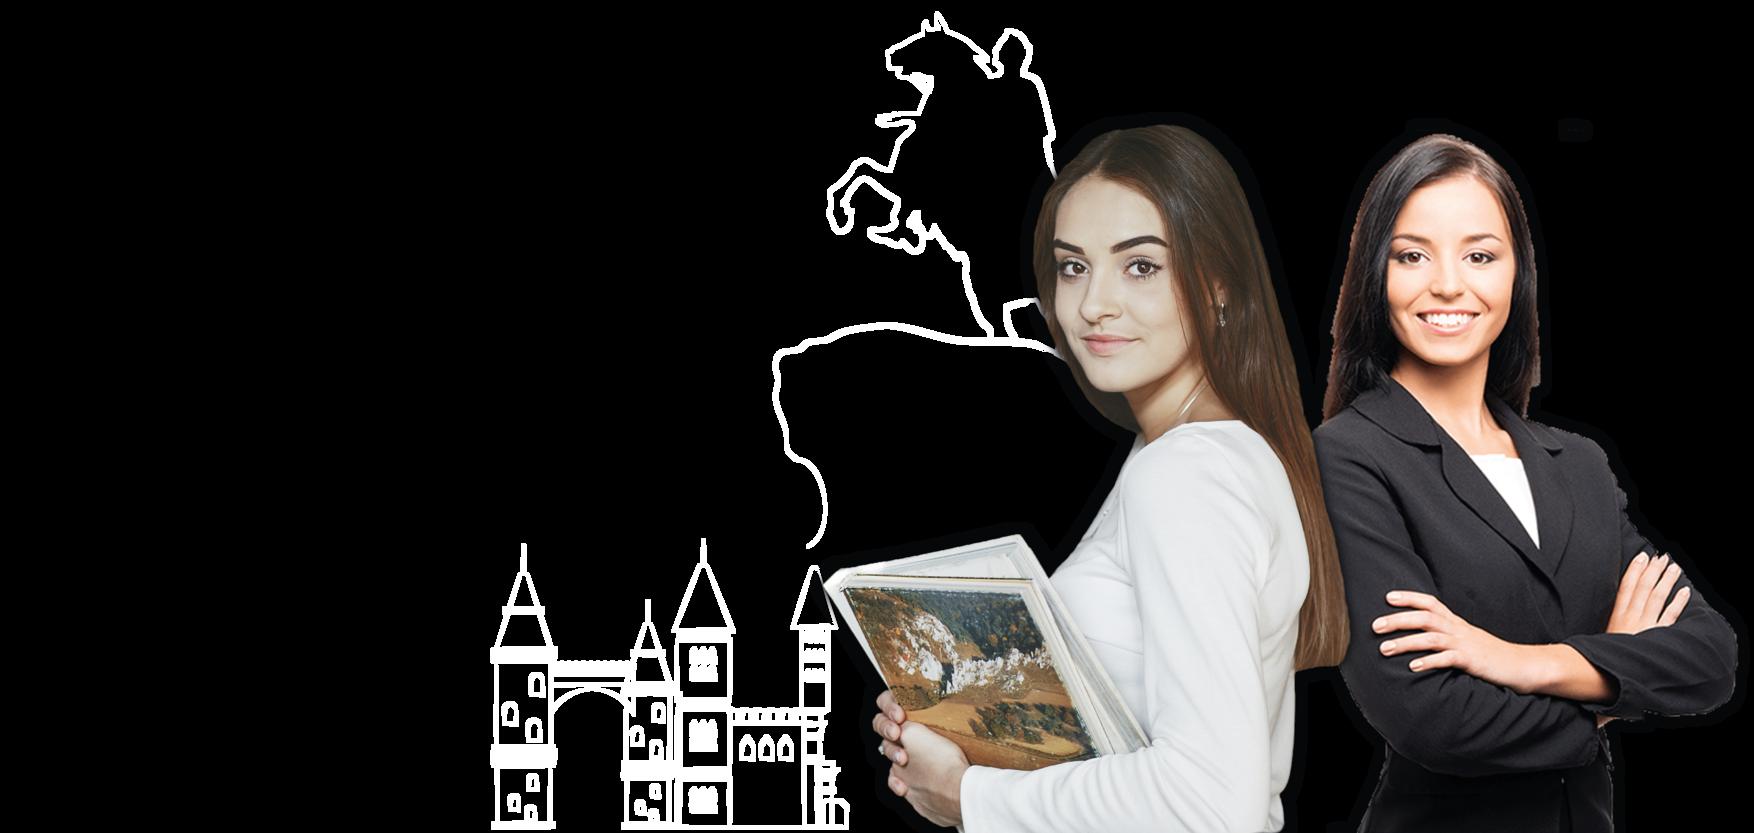 Курсы по истории для школьников  (5, 6, 7 и 8 класс)